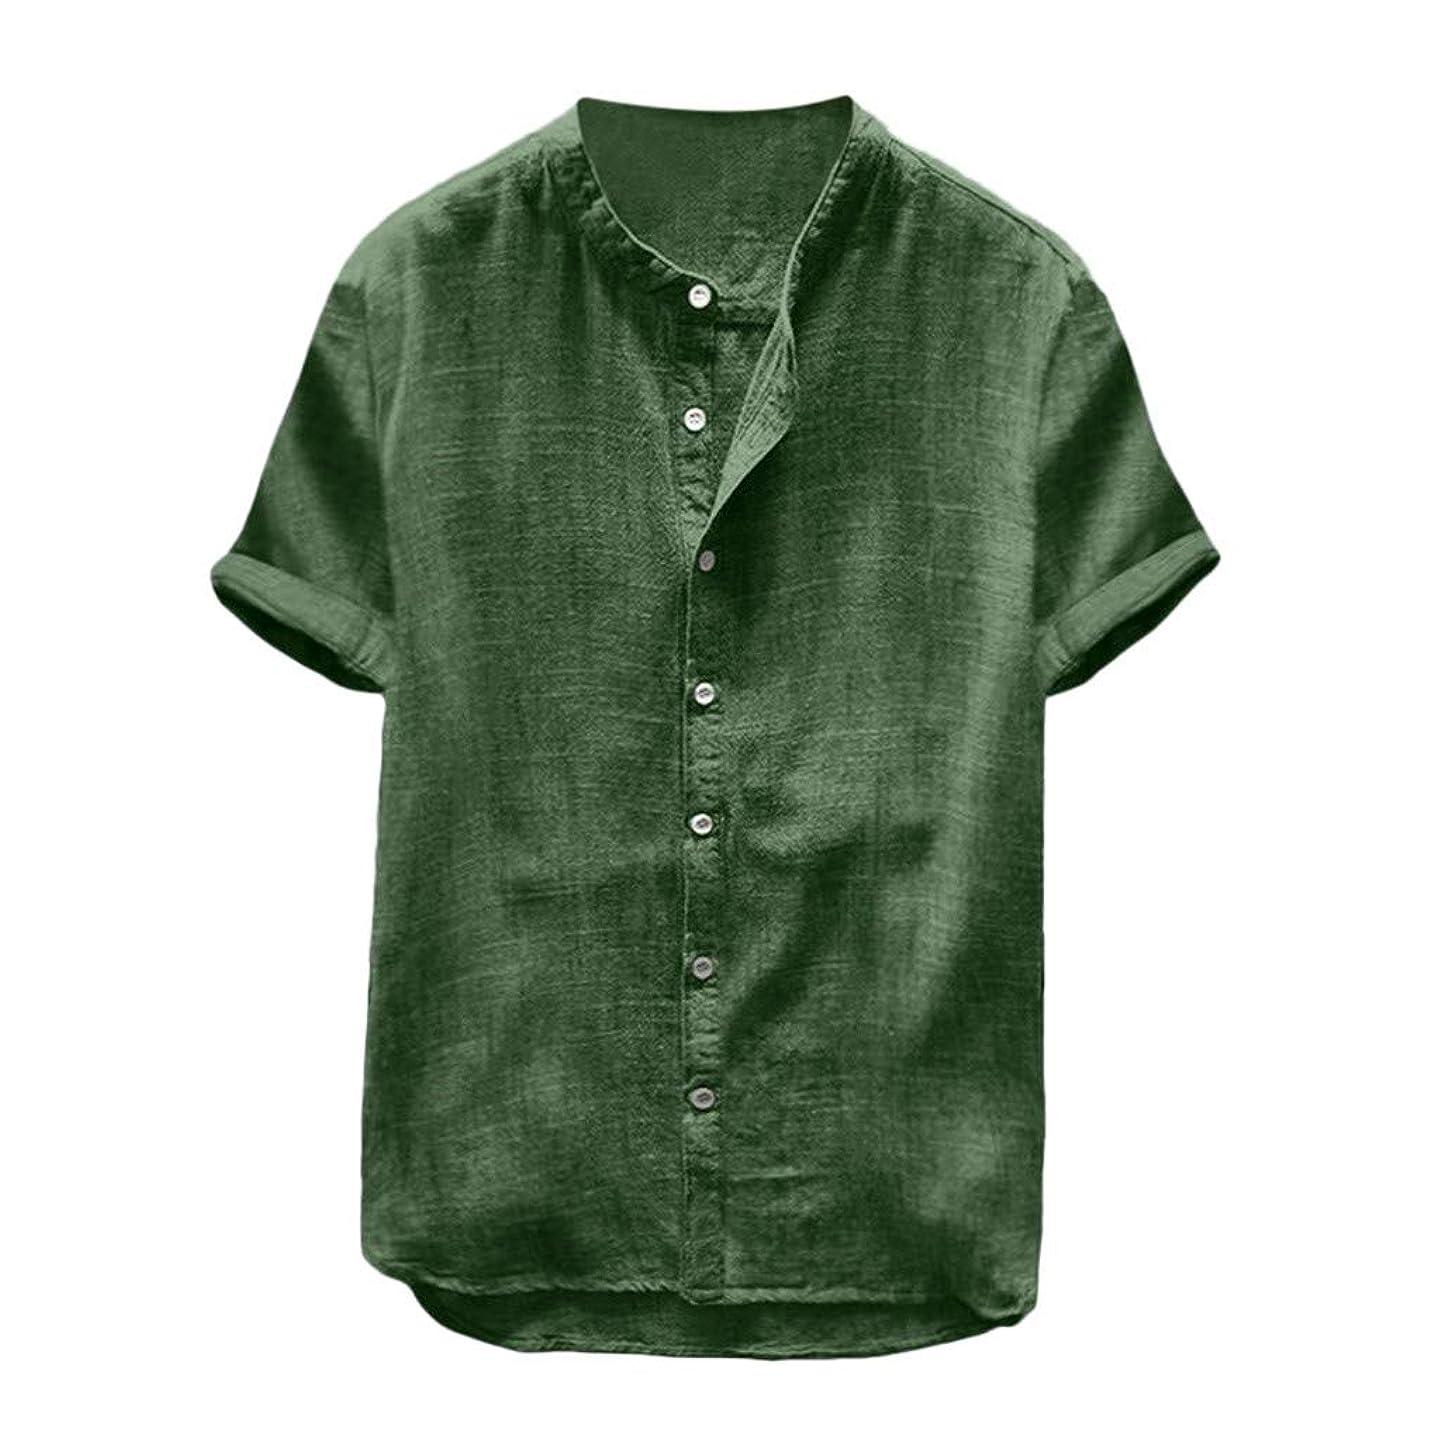 iZZZHH Men's Solid Color Cotton Linen Short Sleeve Retro Loose T Shirts Tops Blouse